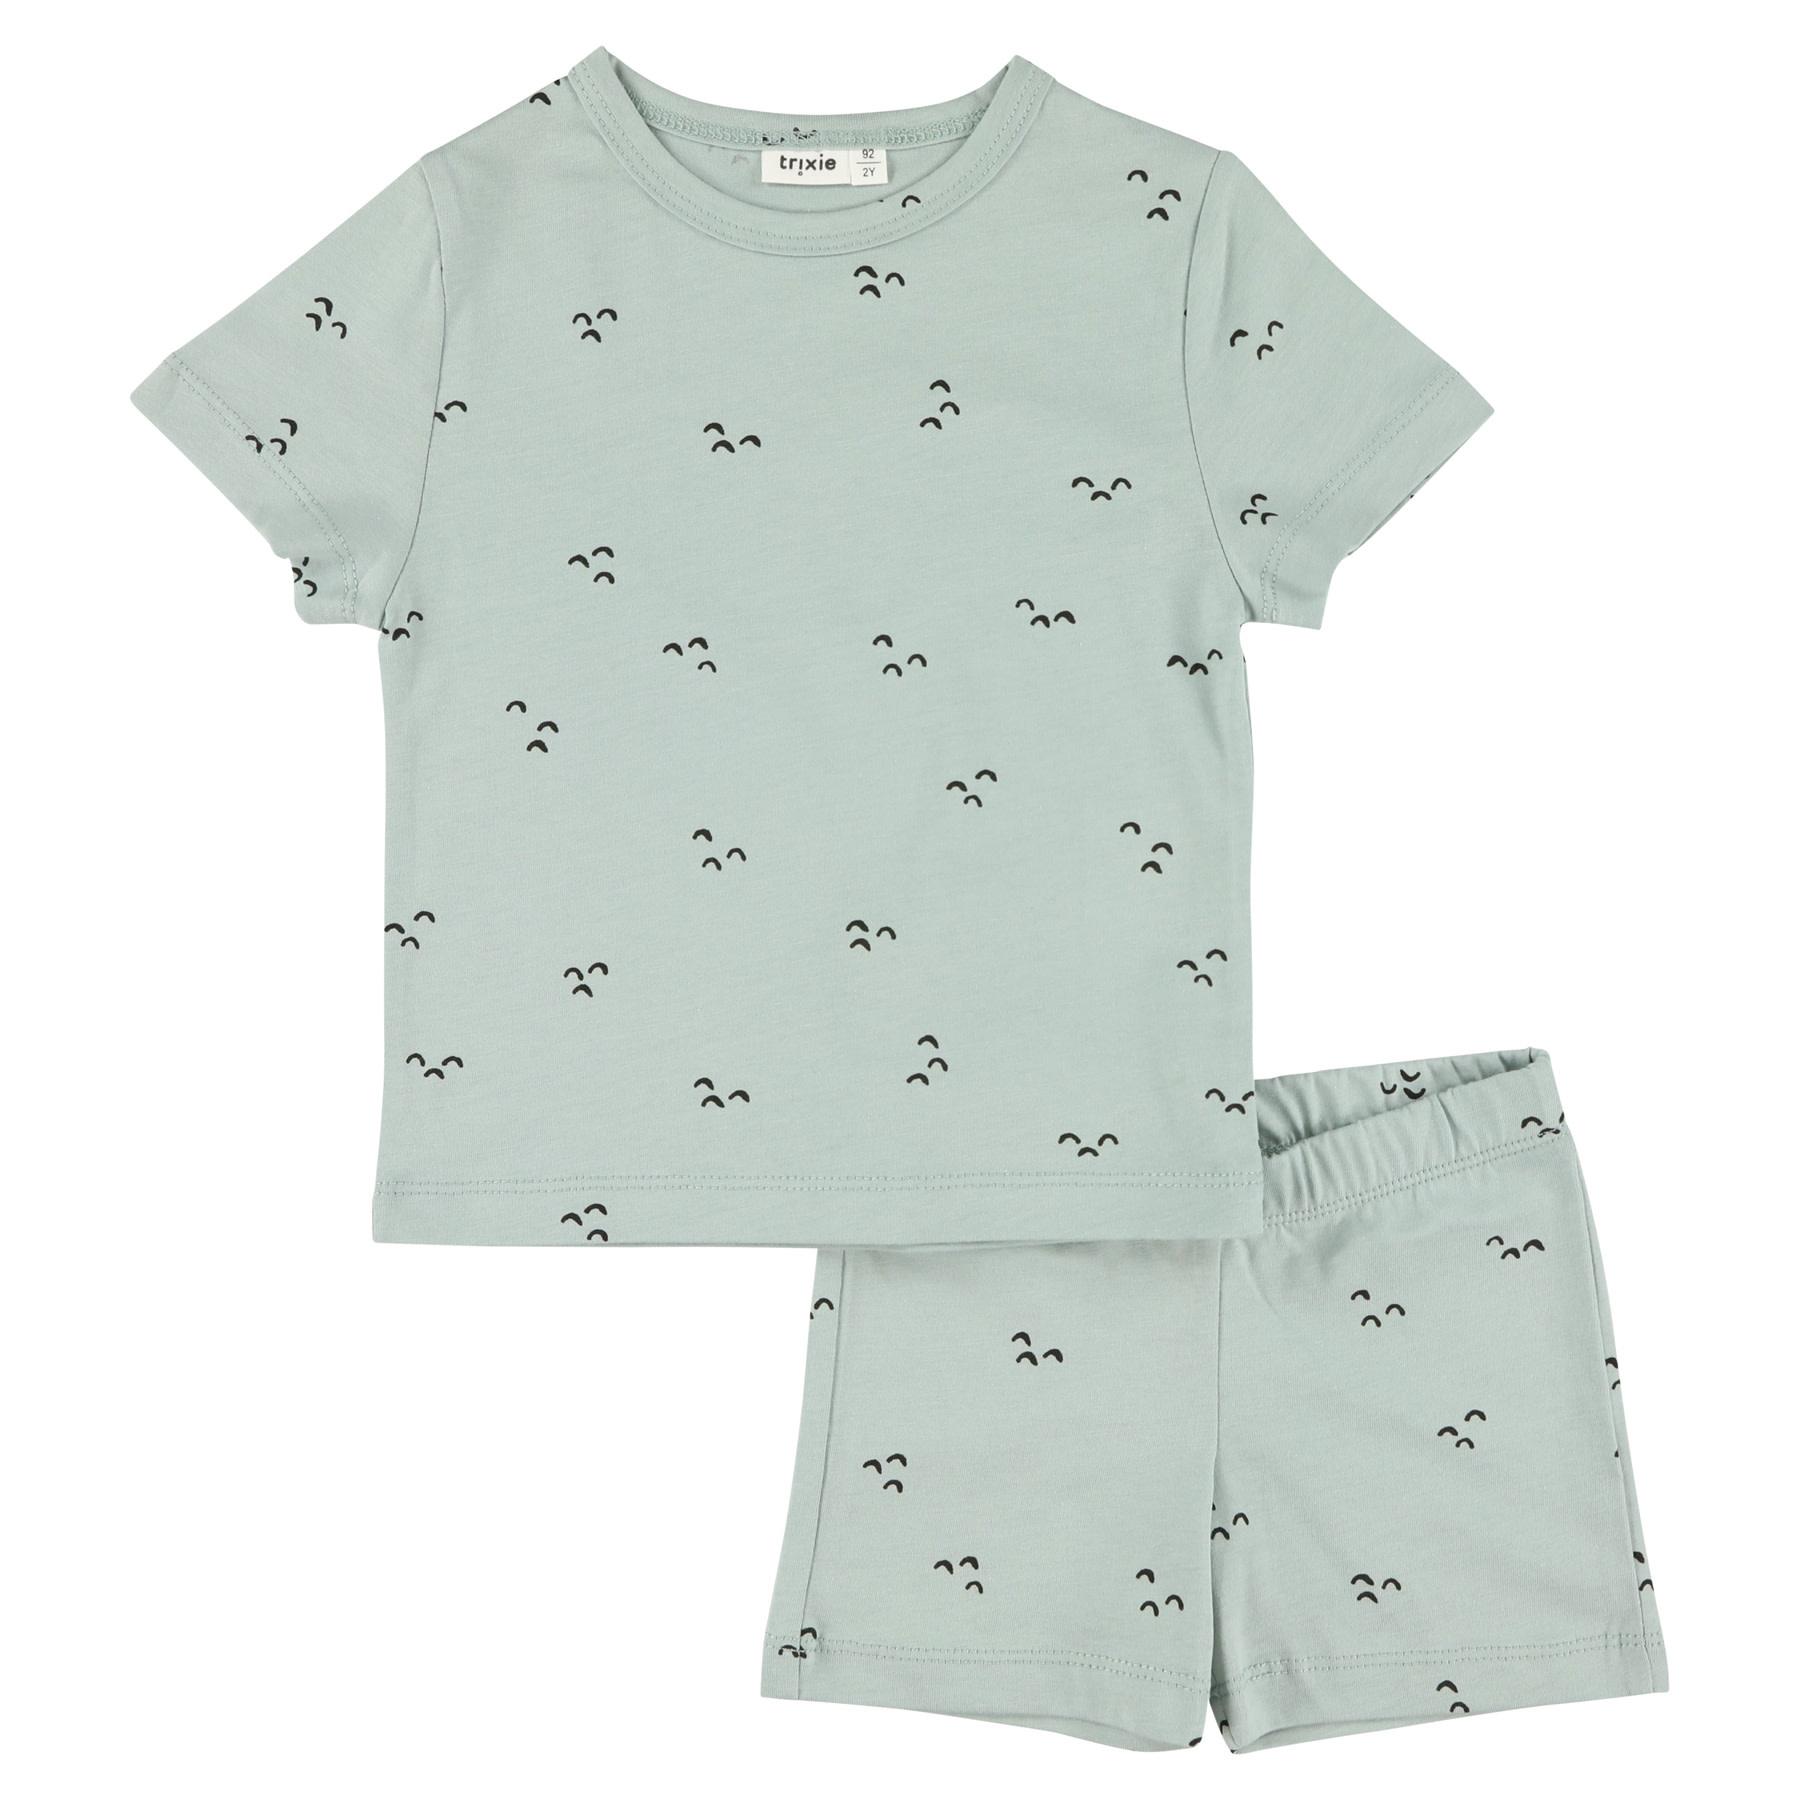 Pyjama 2 pieces short mountains-1